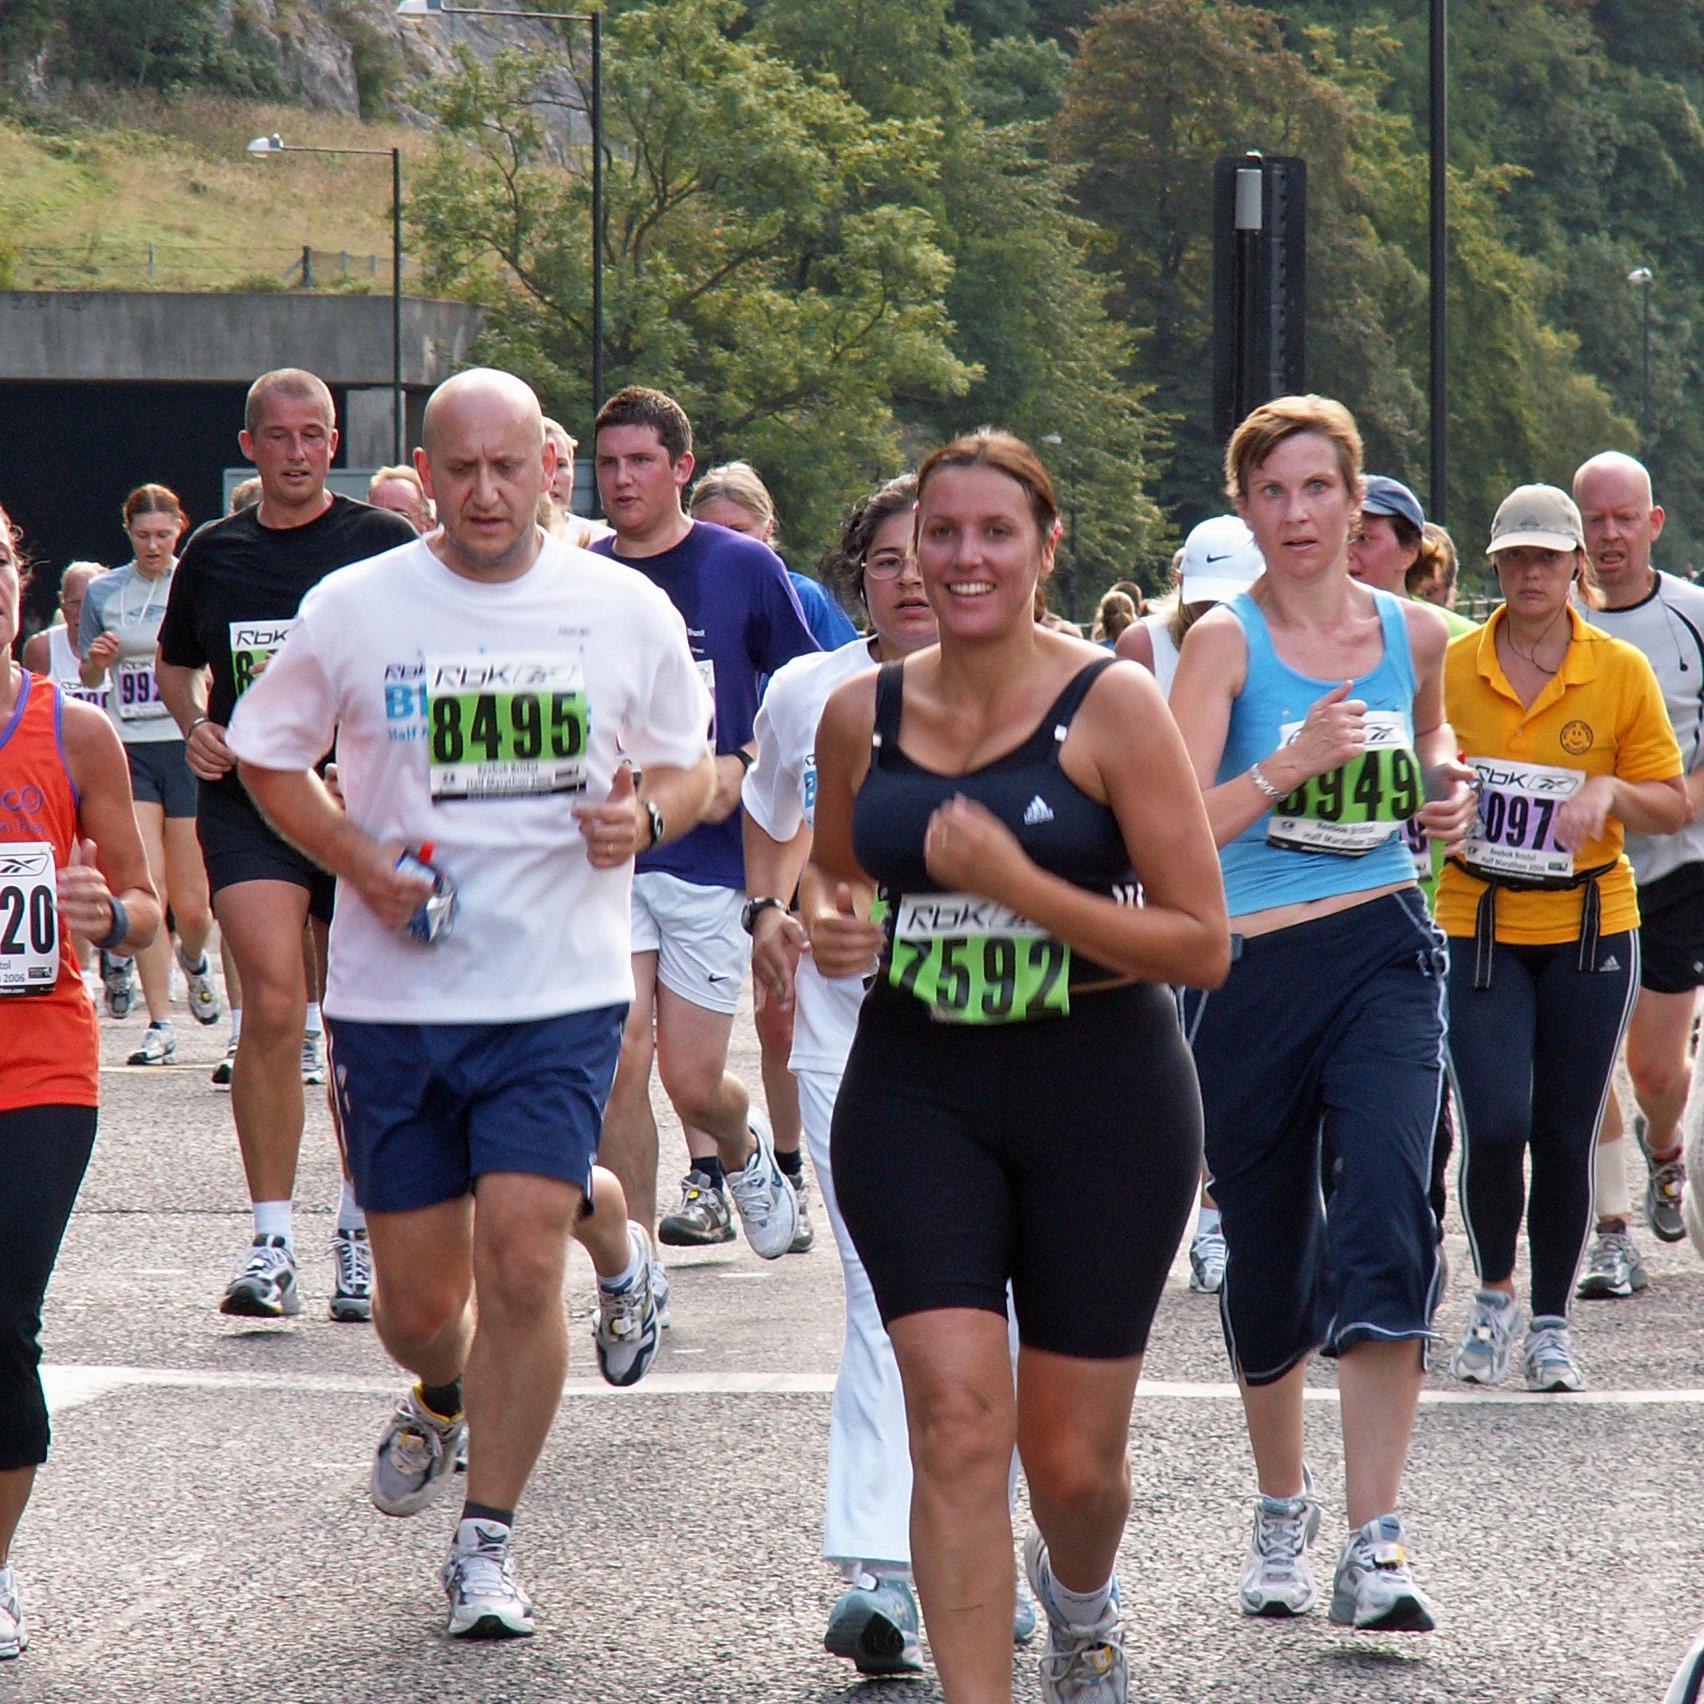 Bristol_Half_Marathon.jpg